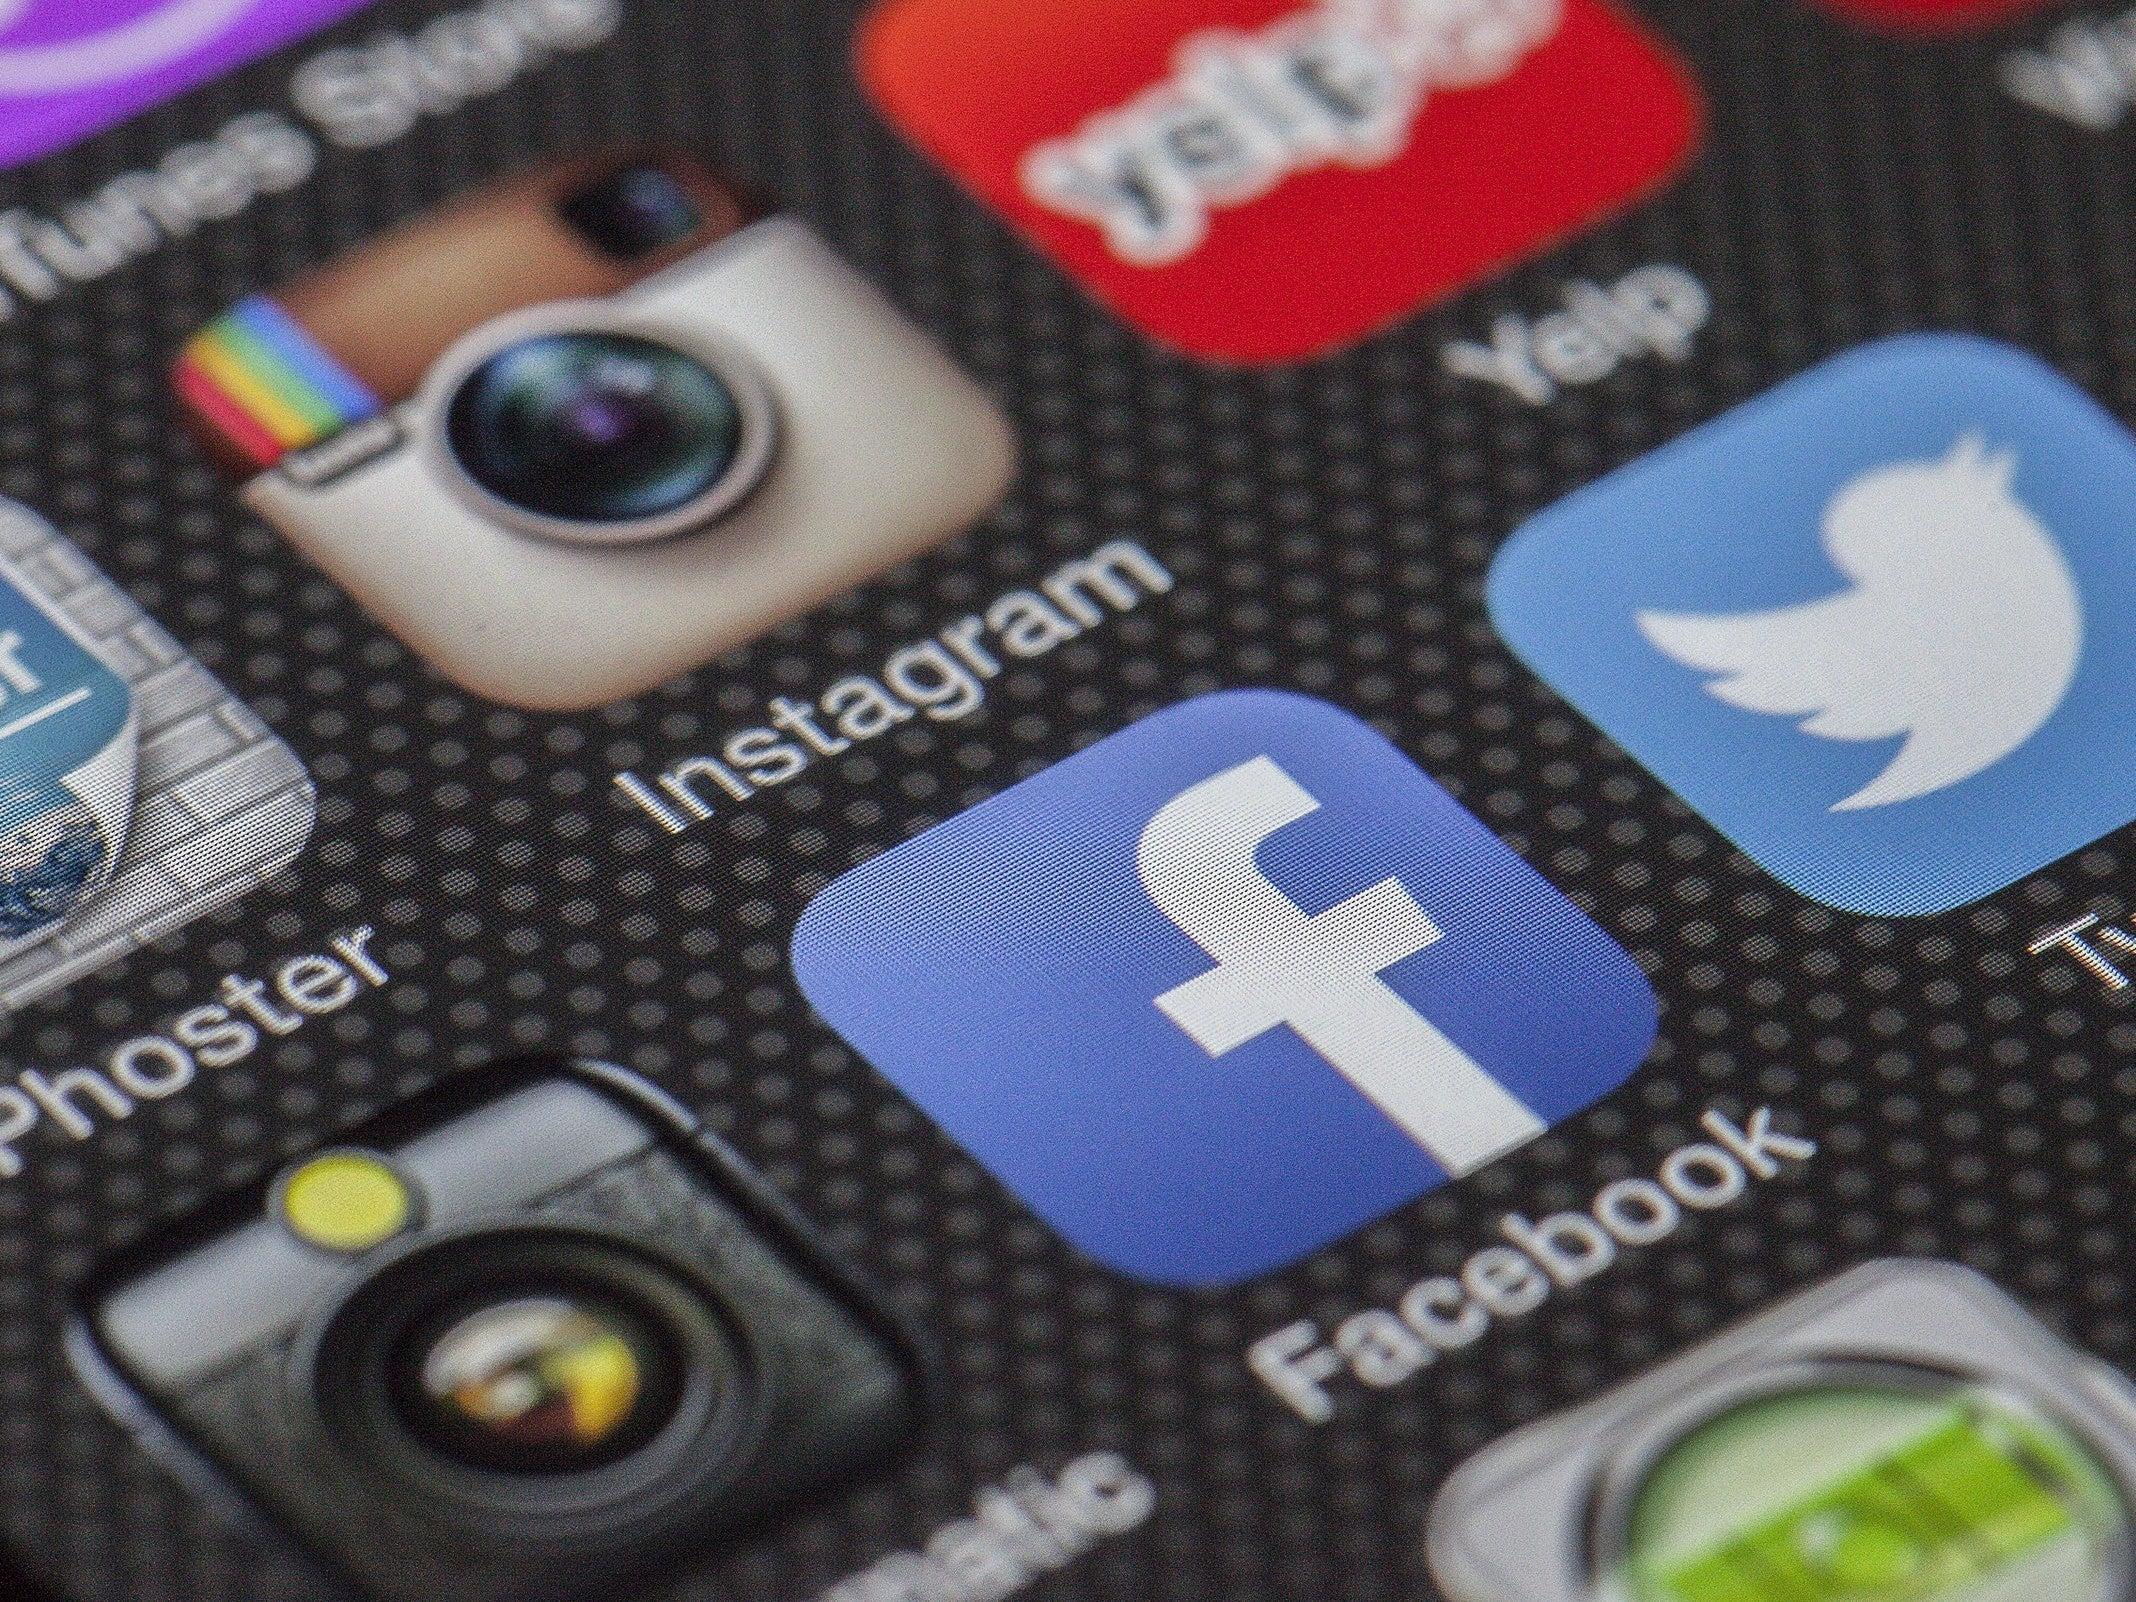 Verfahren-gegen-Facebook-Datensch-tzer-will-Nutzung-von-WhatsApp-Daten-verhindern